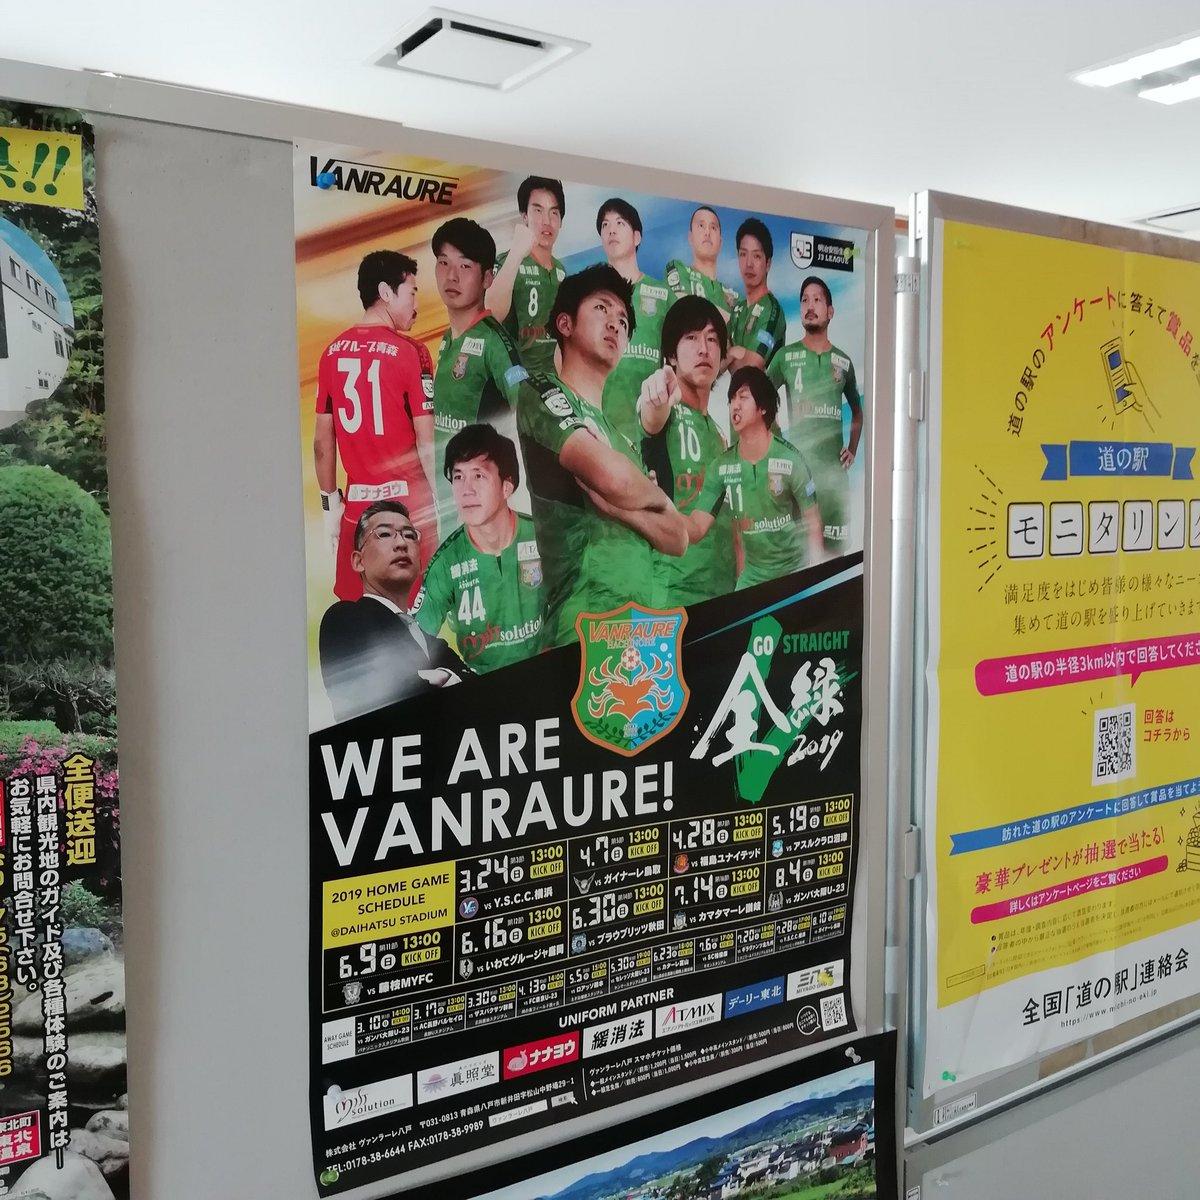 test ツイッターメディア - 小川原湖の道の駅に貼ってました! 明日は、皆で応援に行こう!🎶 https://t.co/58NB43MEUA